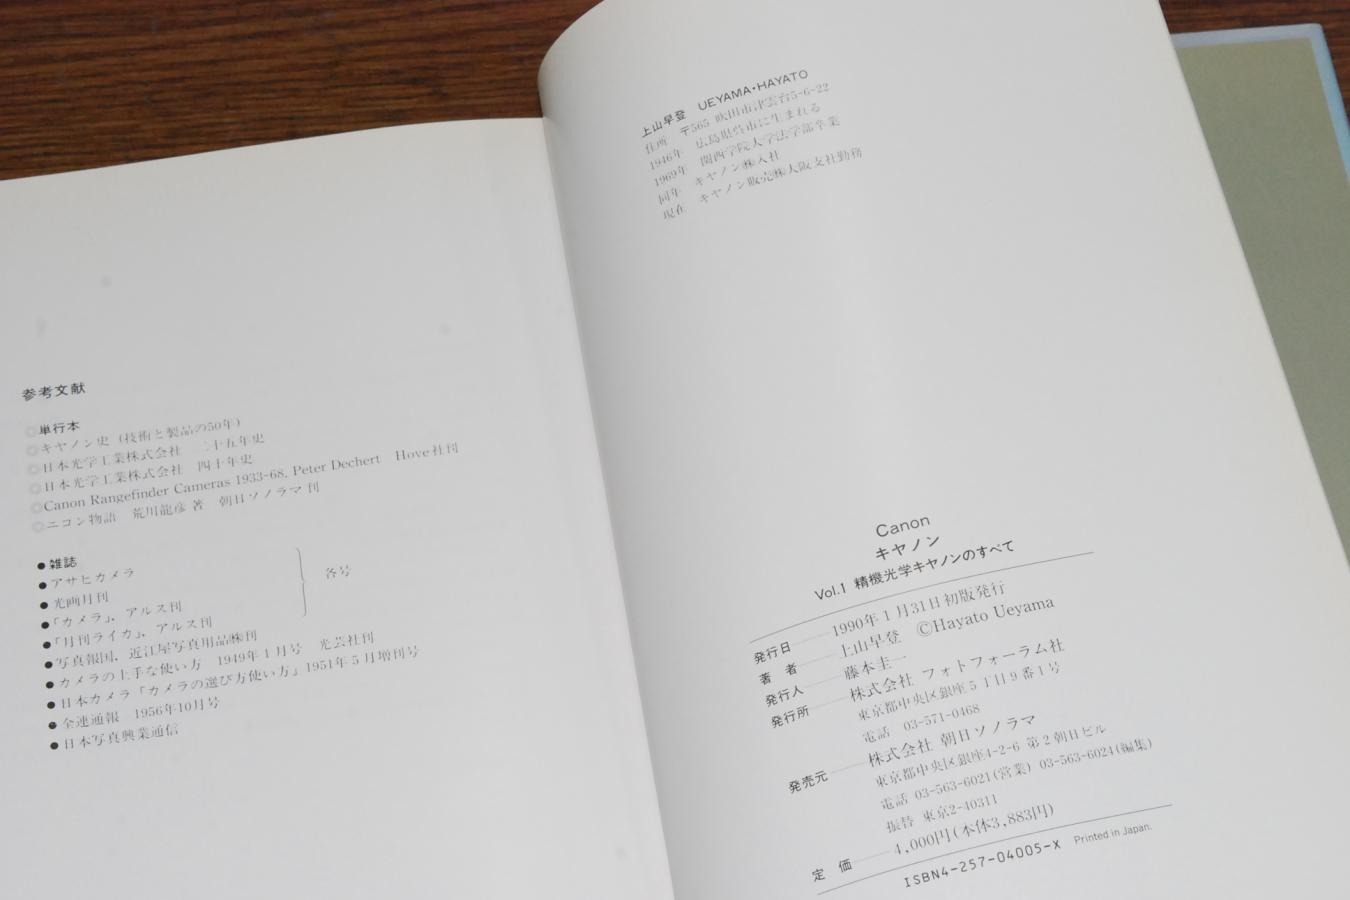 【絶版書籍】 Vol.1精機光学キャノンのすべて 【著者:上山早登】